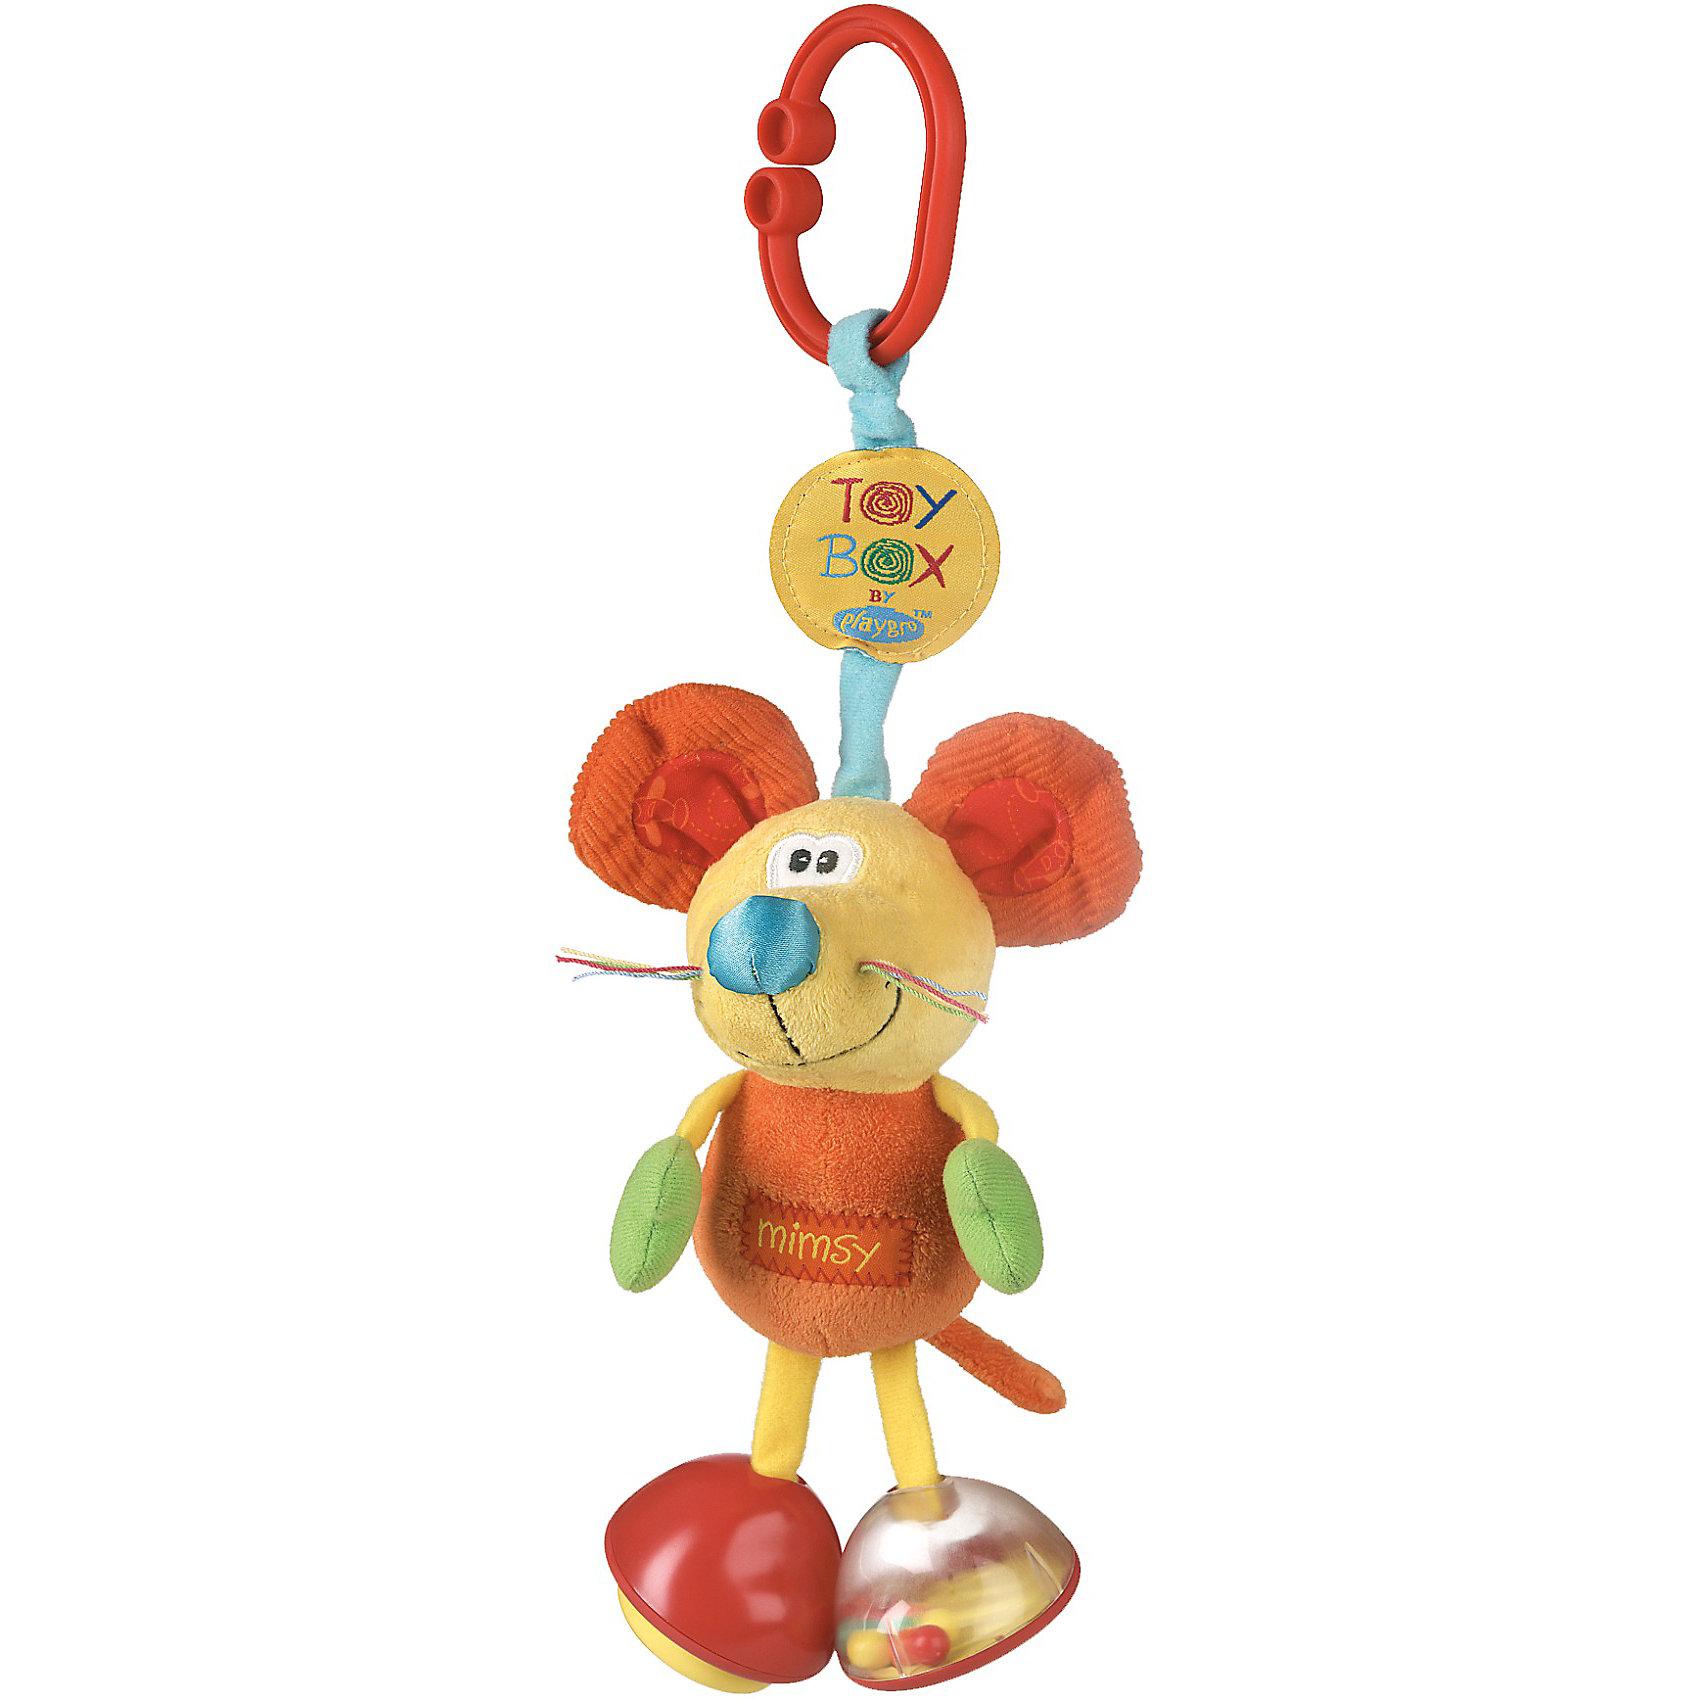 Playgro Мягкая игрушка-подвеска, Playgro